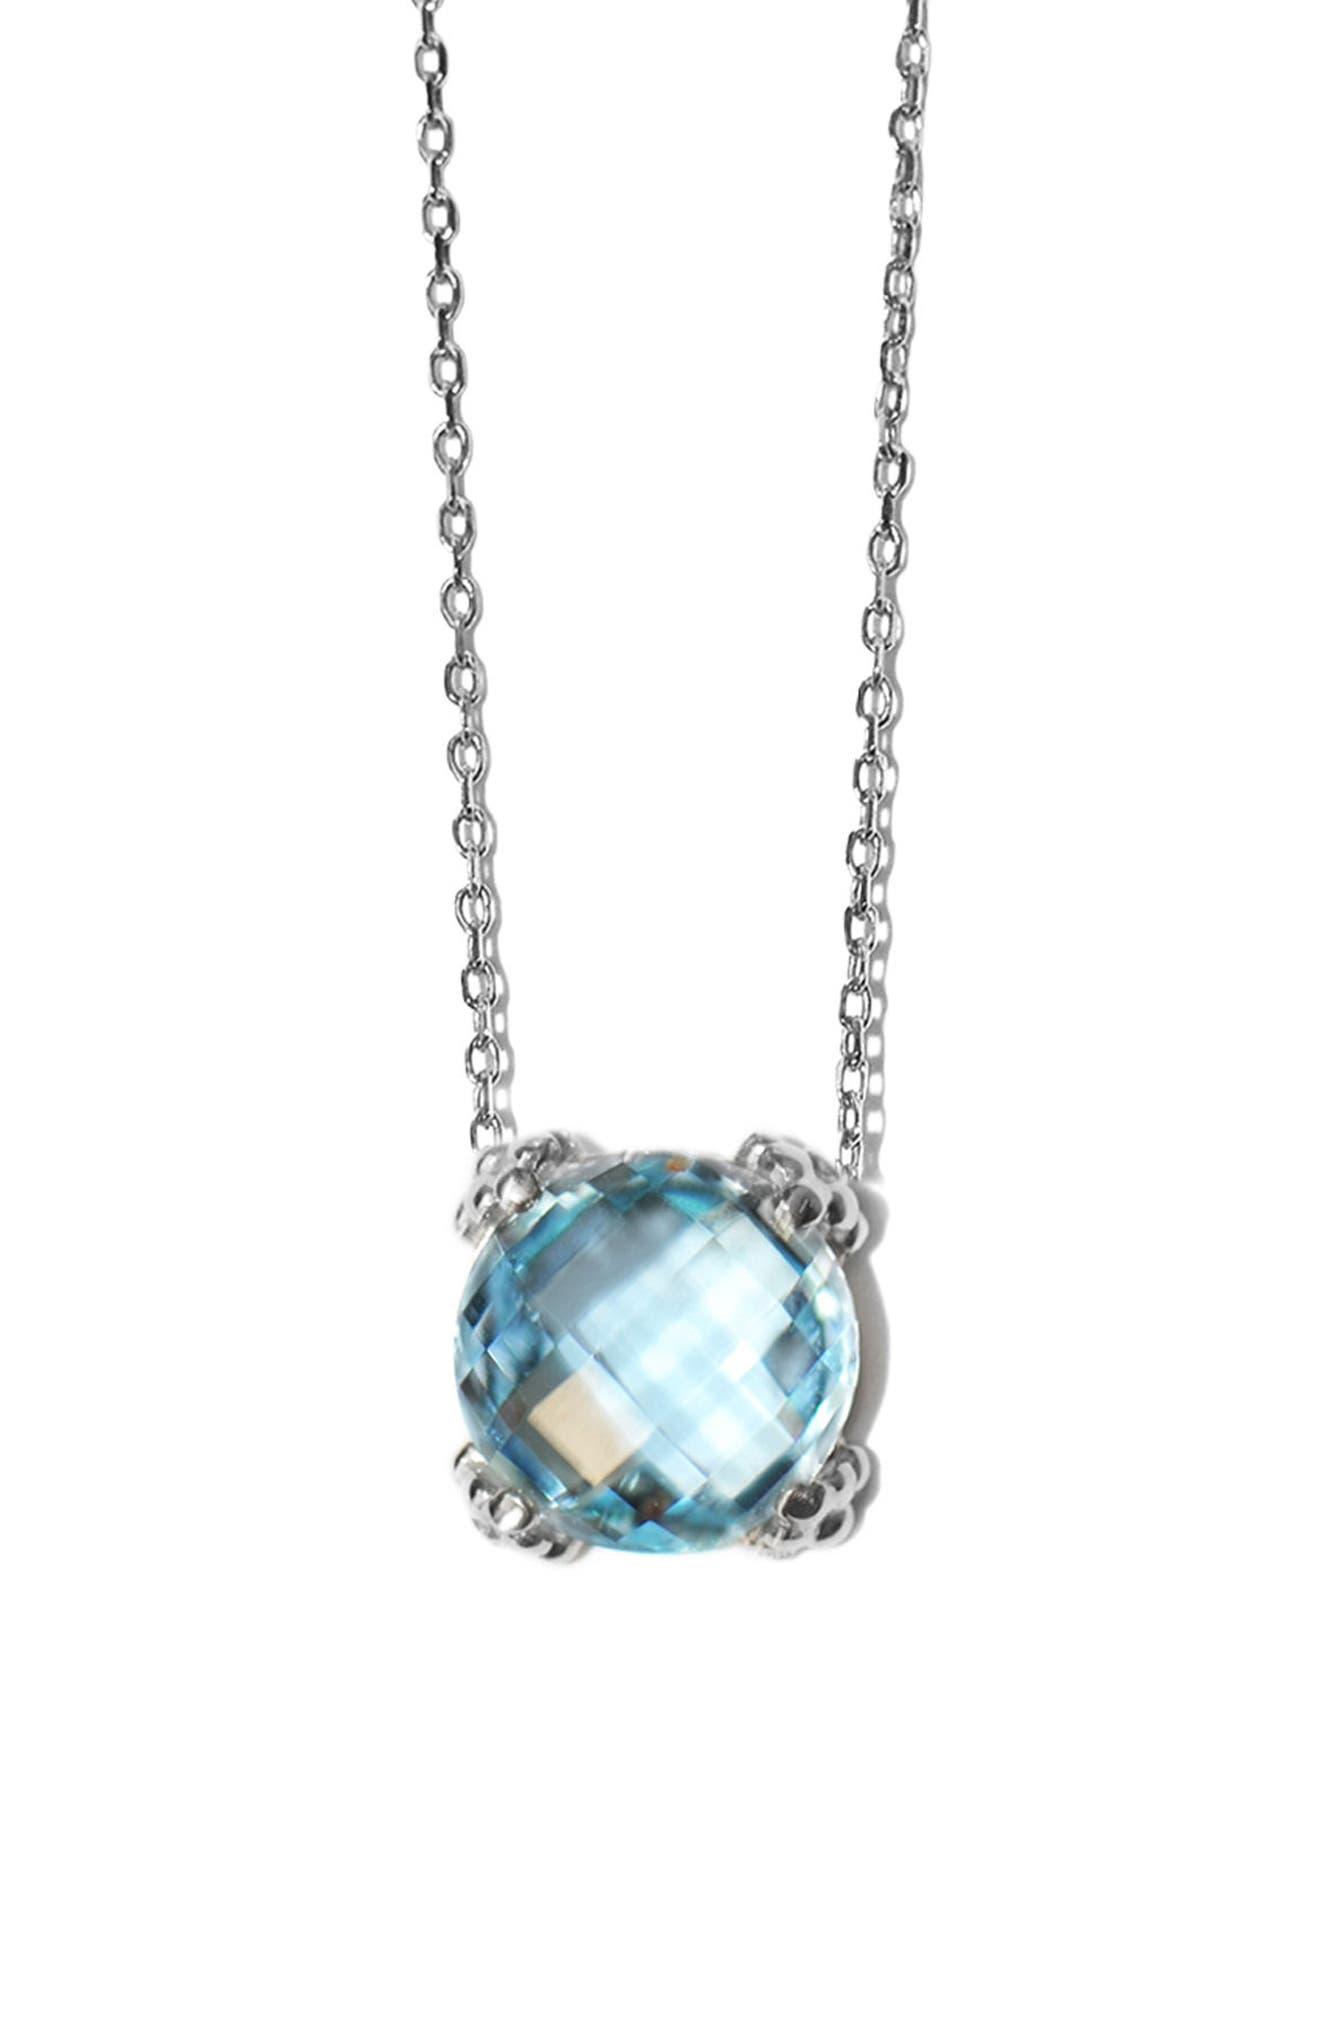 Dew Drop Cluster Topaz Pendant Necklace,                             Main thumbnail 1, color,                             BLUE TOPAZ